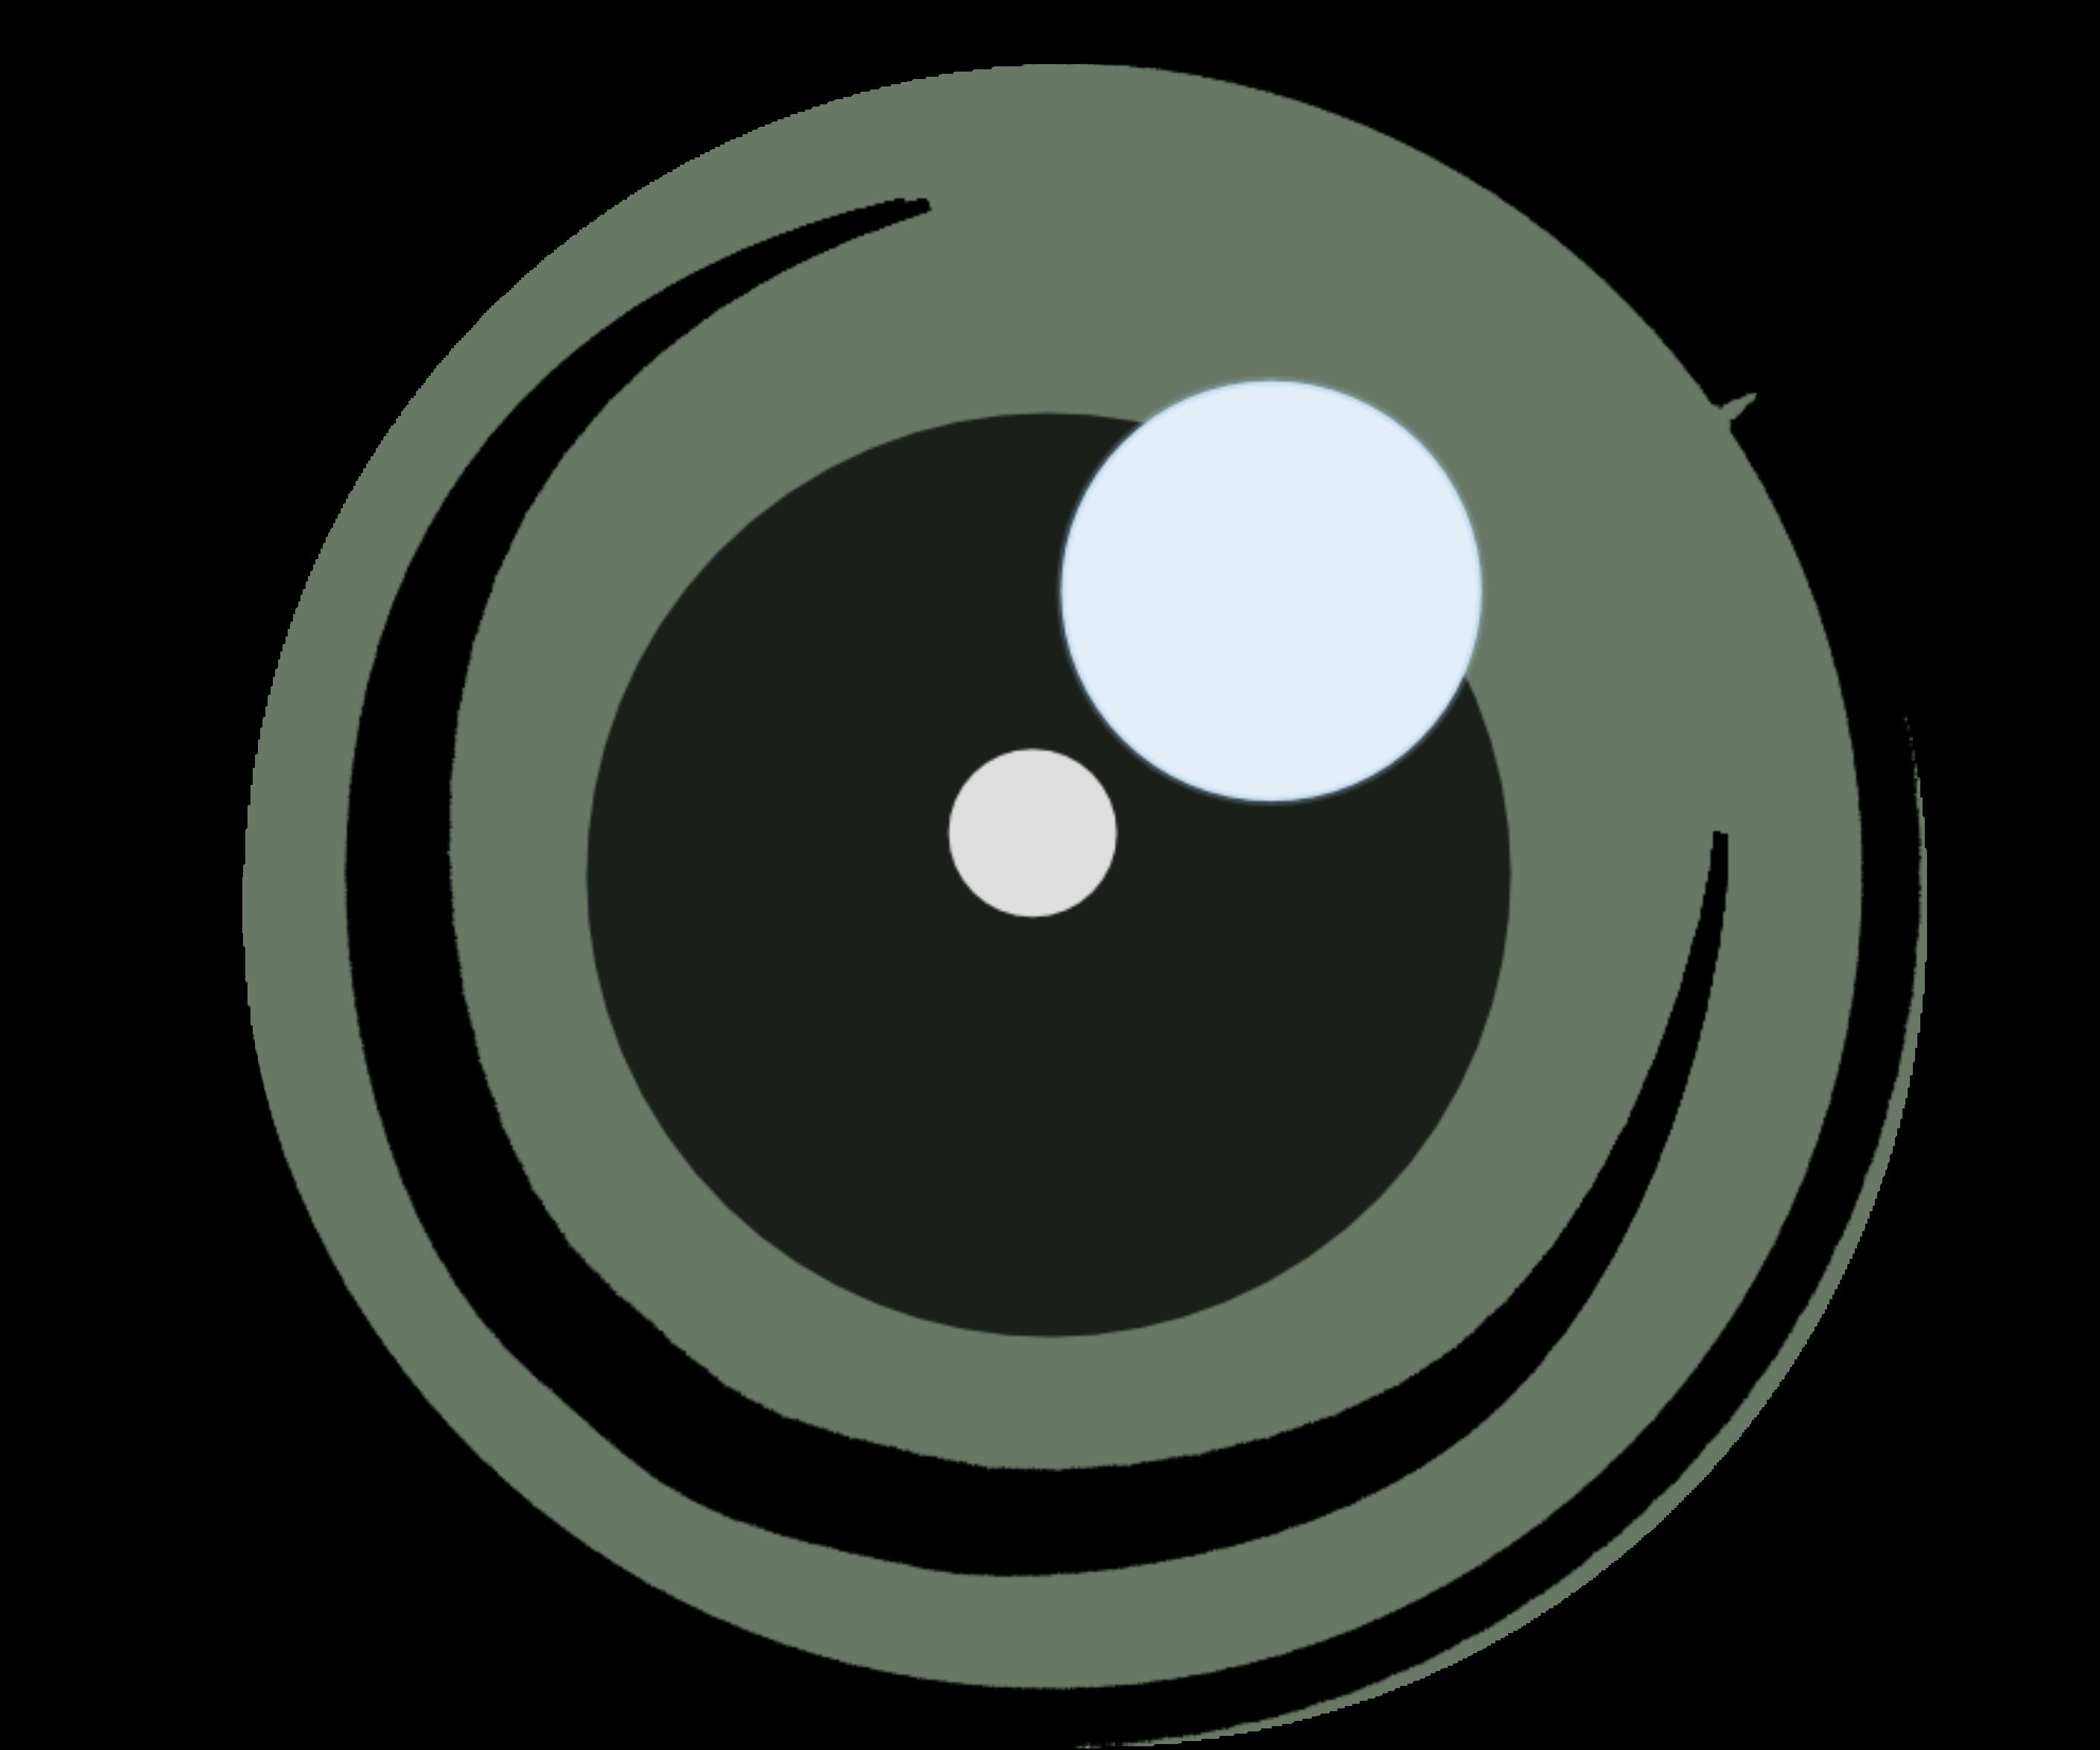 """Tekening van een lens als symbool voor """"focus versterken"""""""